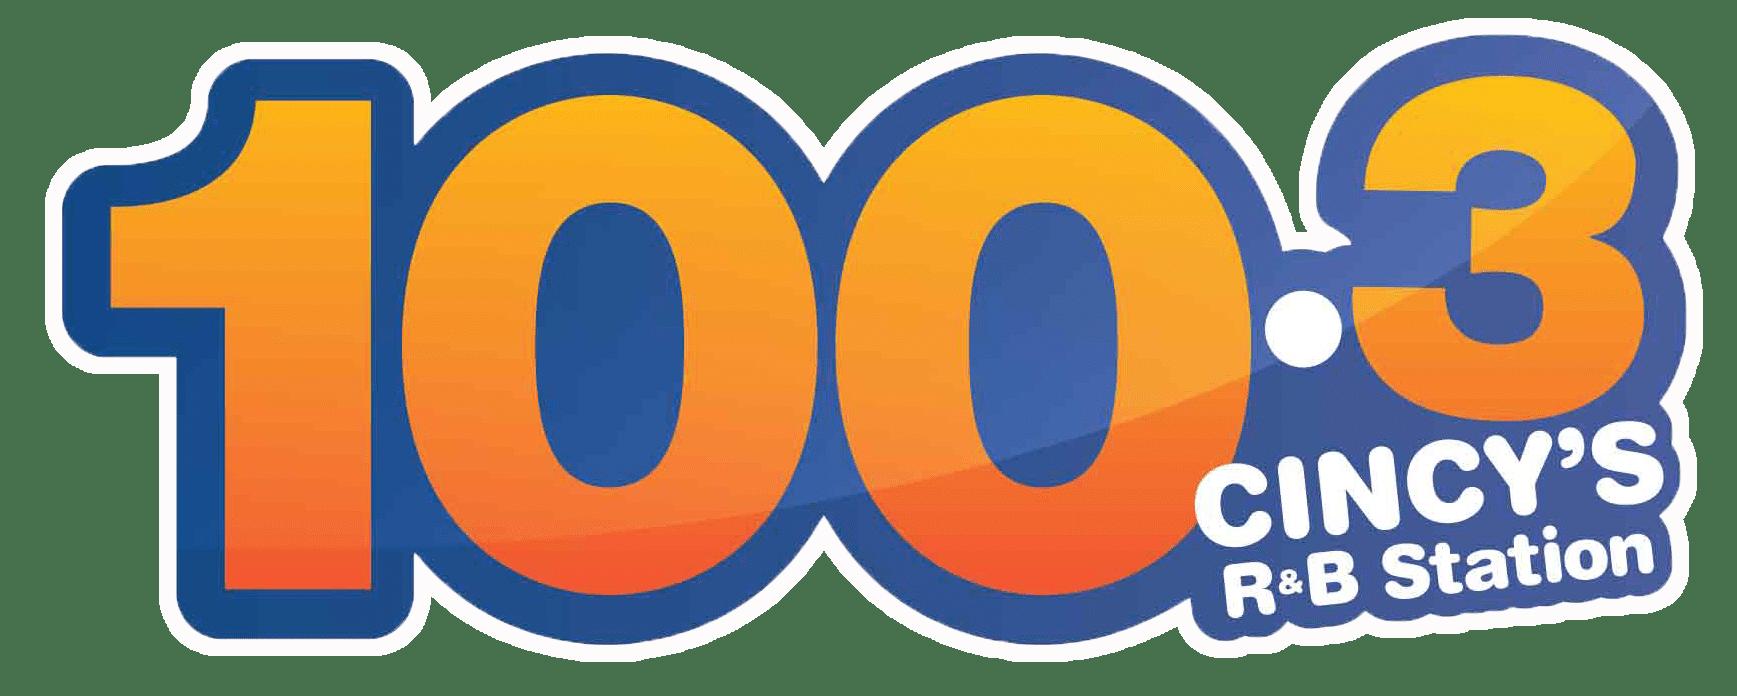 100.3 FM logo